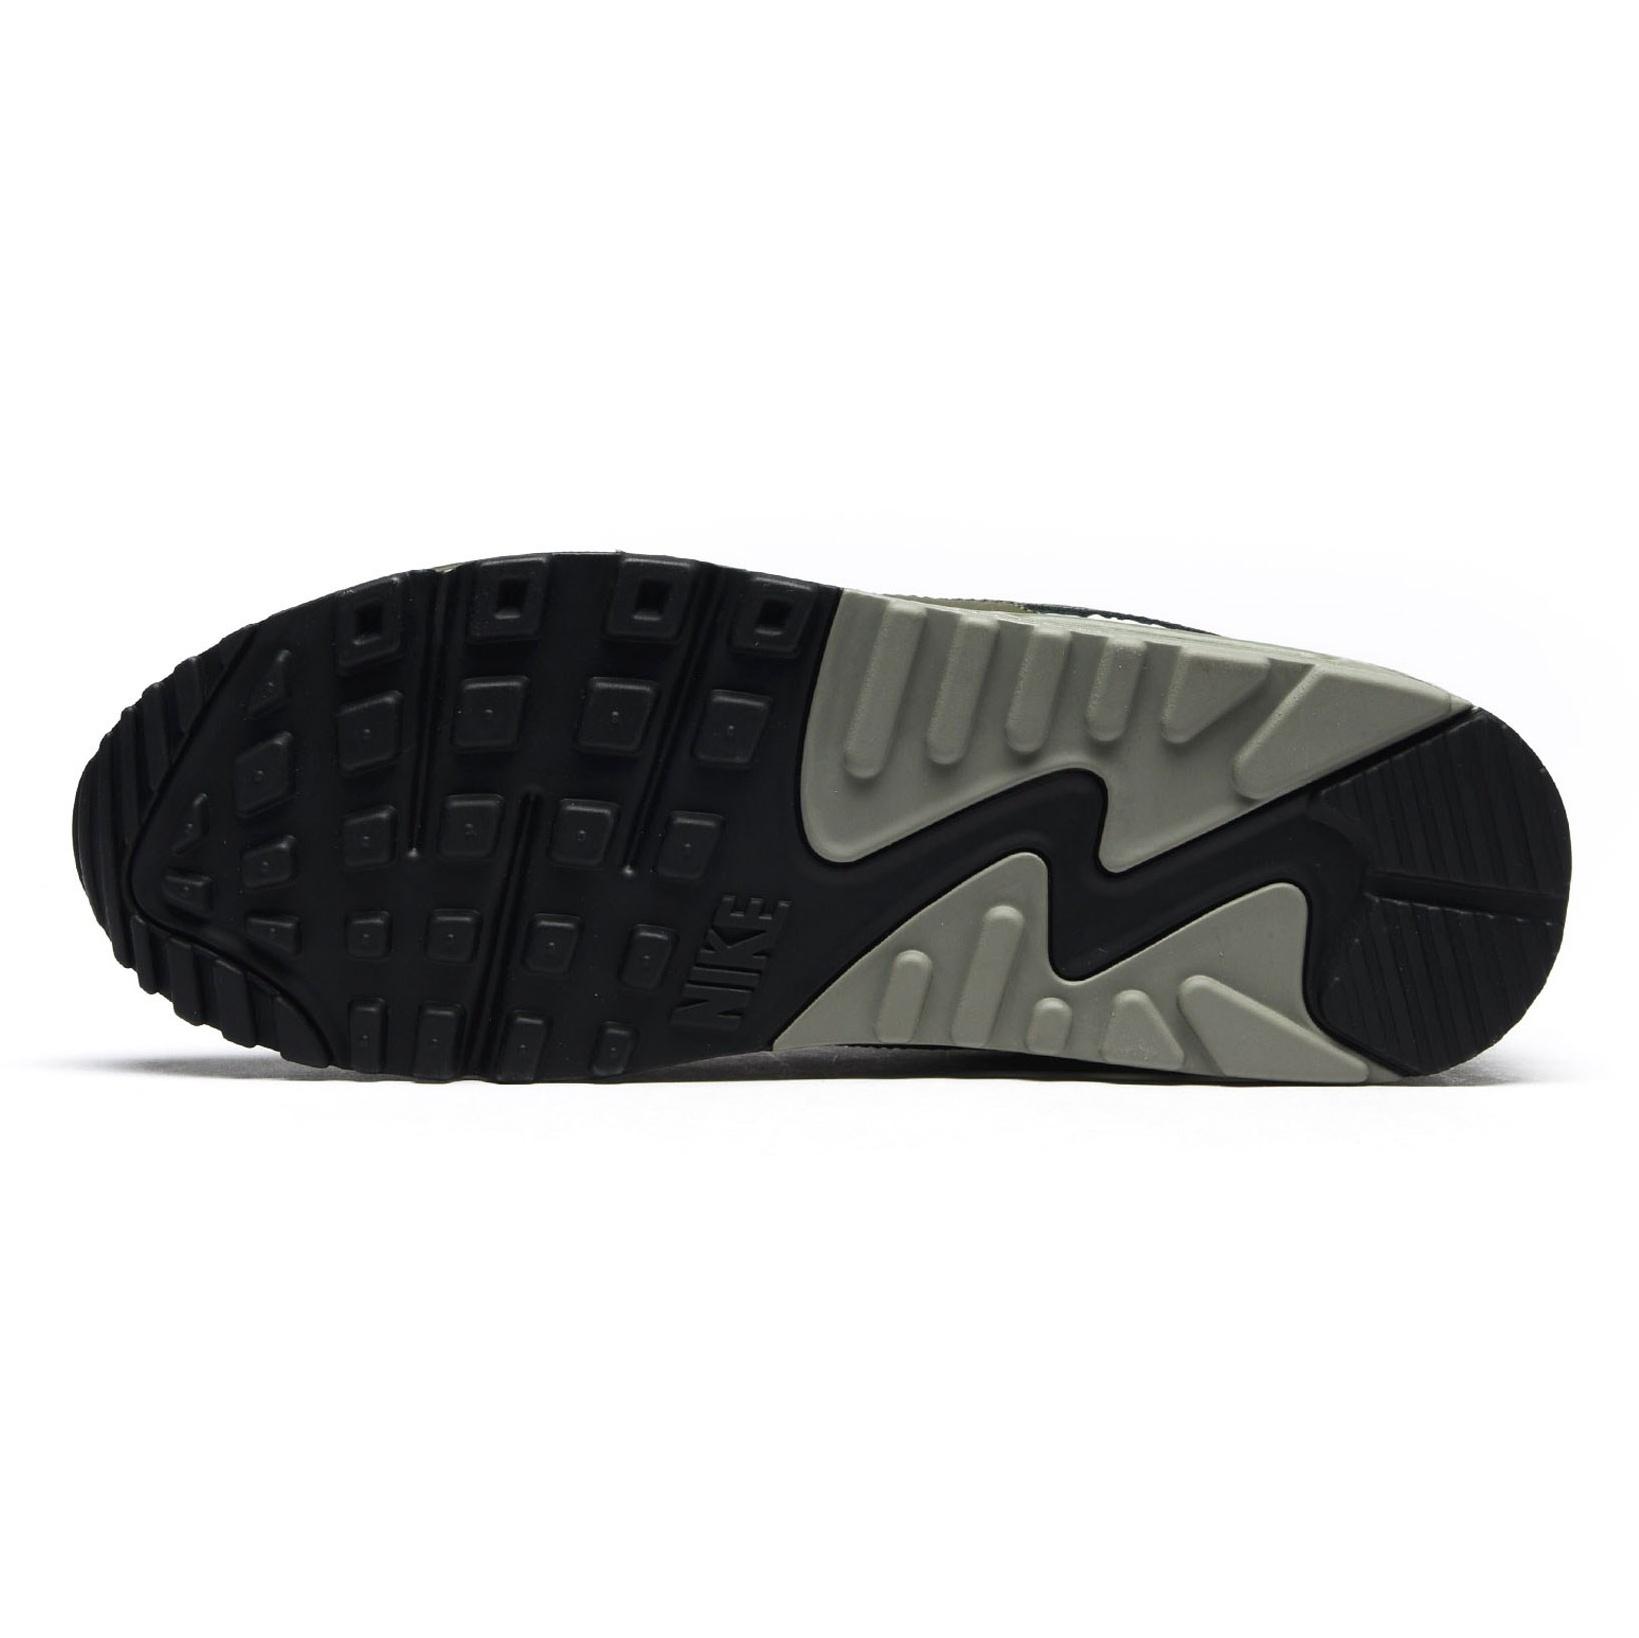 کفش ورزشی دویدن مردانه Air Max 90 Essential - نایکی - زيتوني تيره - 5